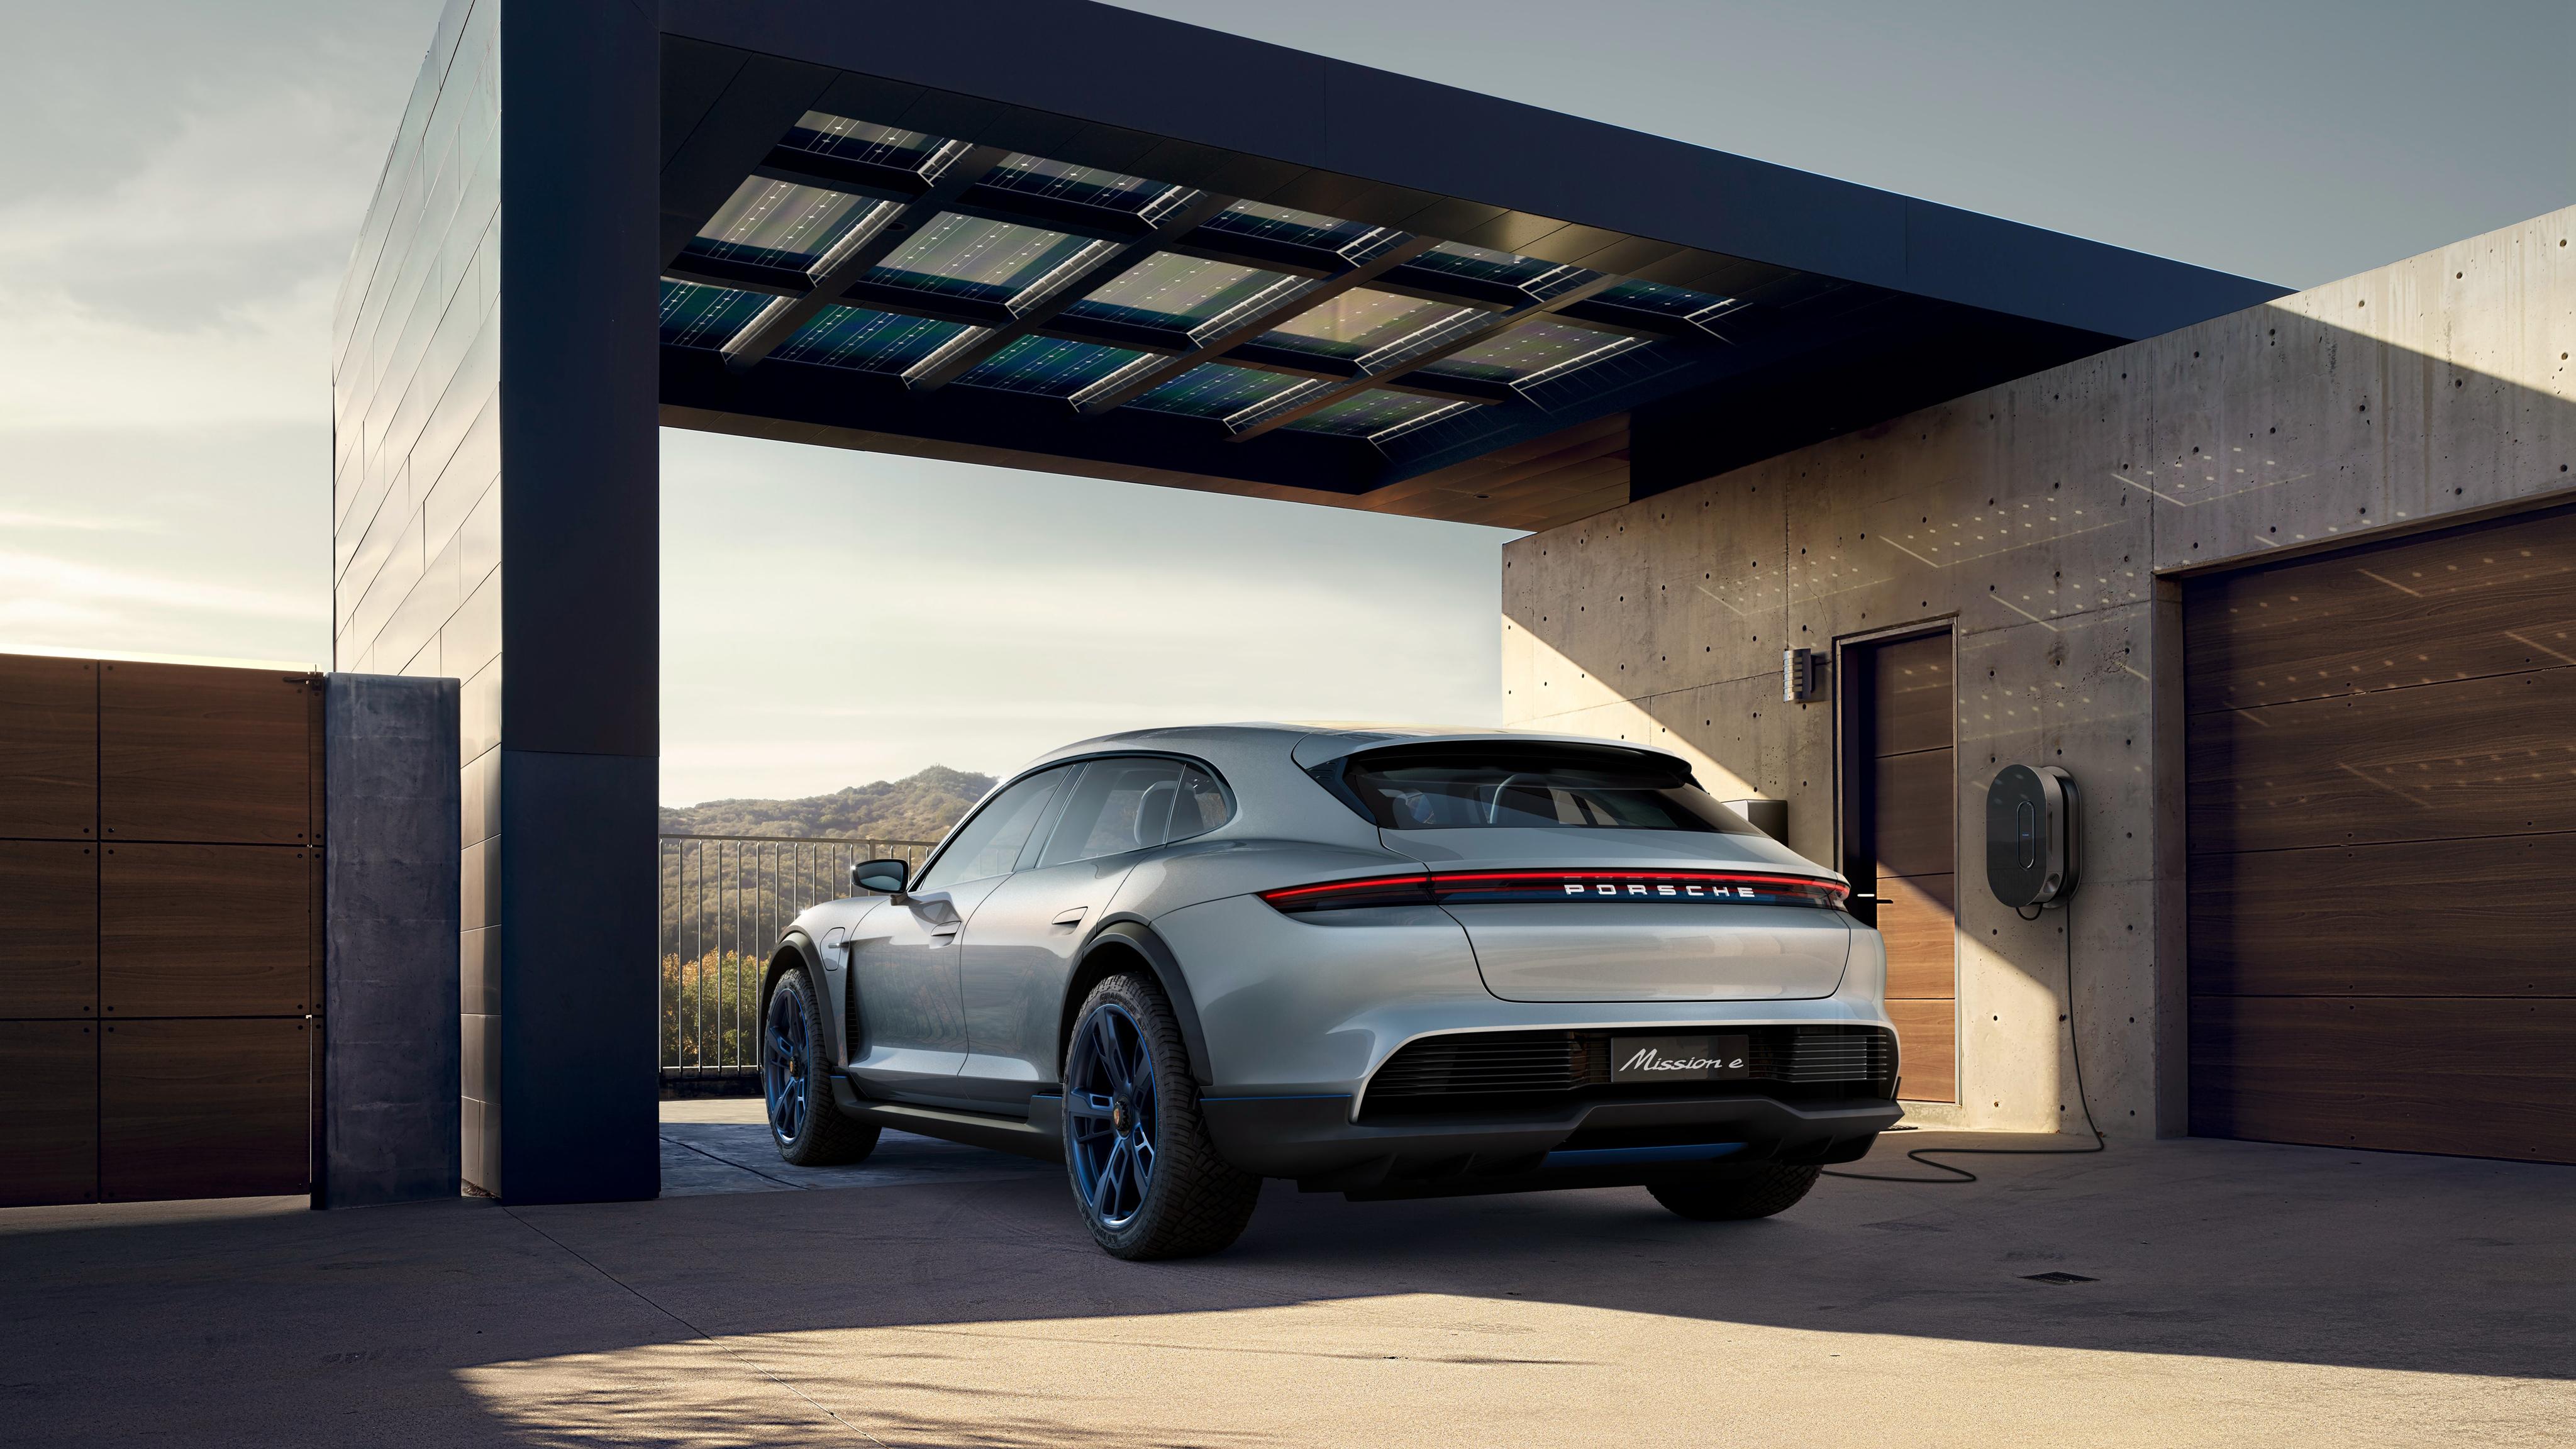 2018 Porsche Mission E Cross Turismo 4K 7 Wallpaper